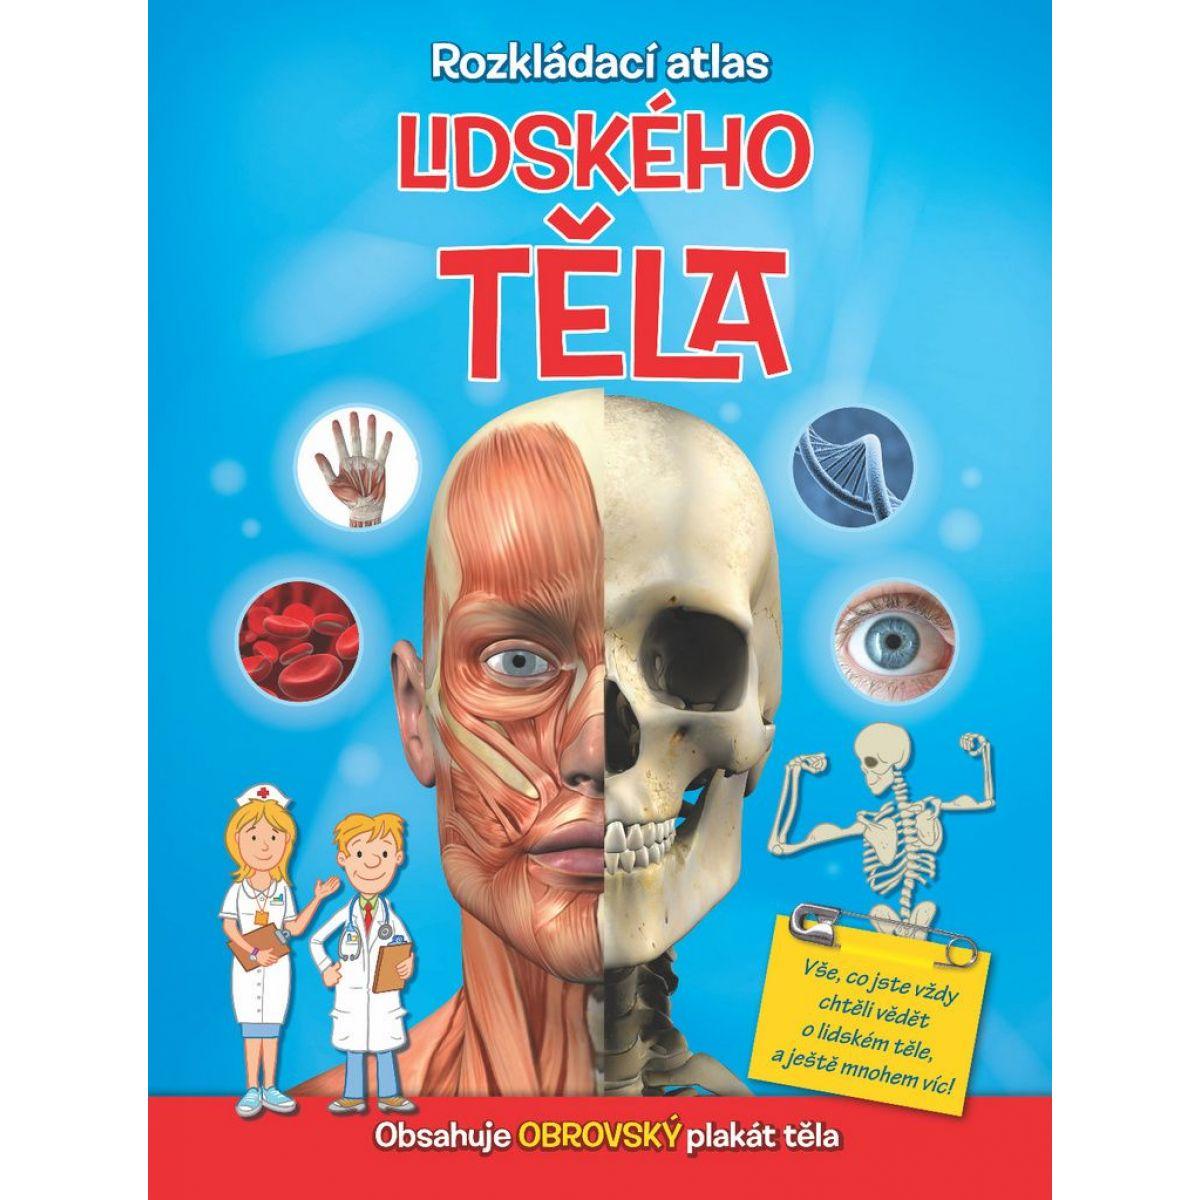 Rozkladacie atlas ľudského tela